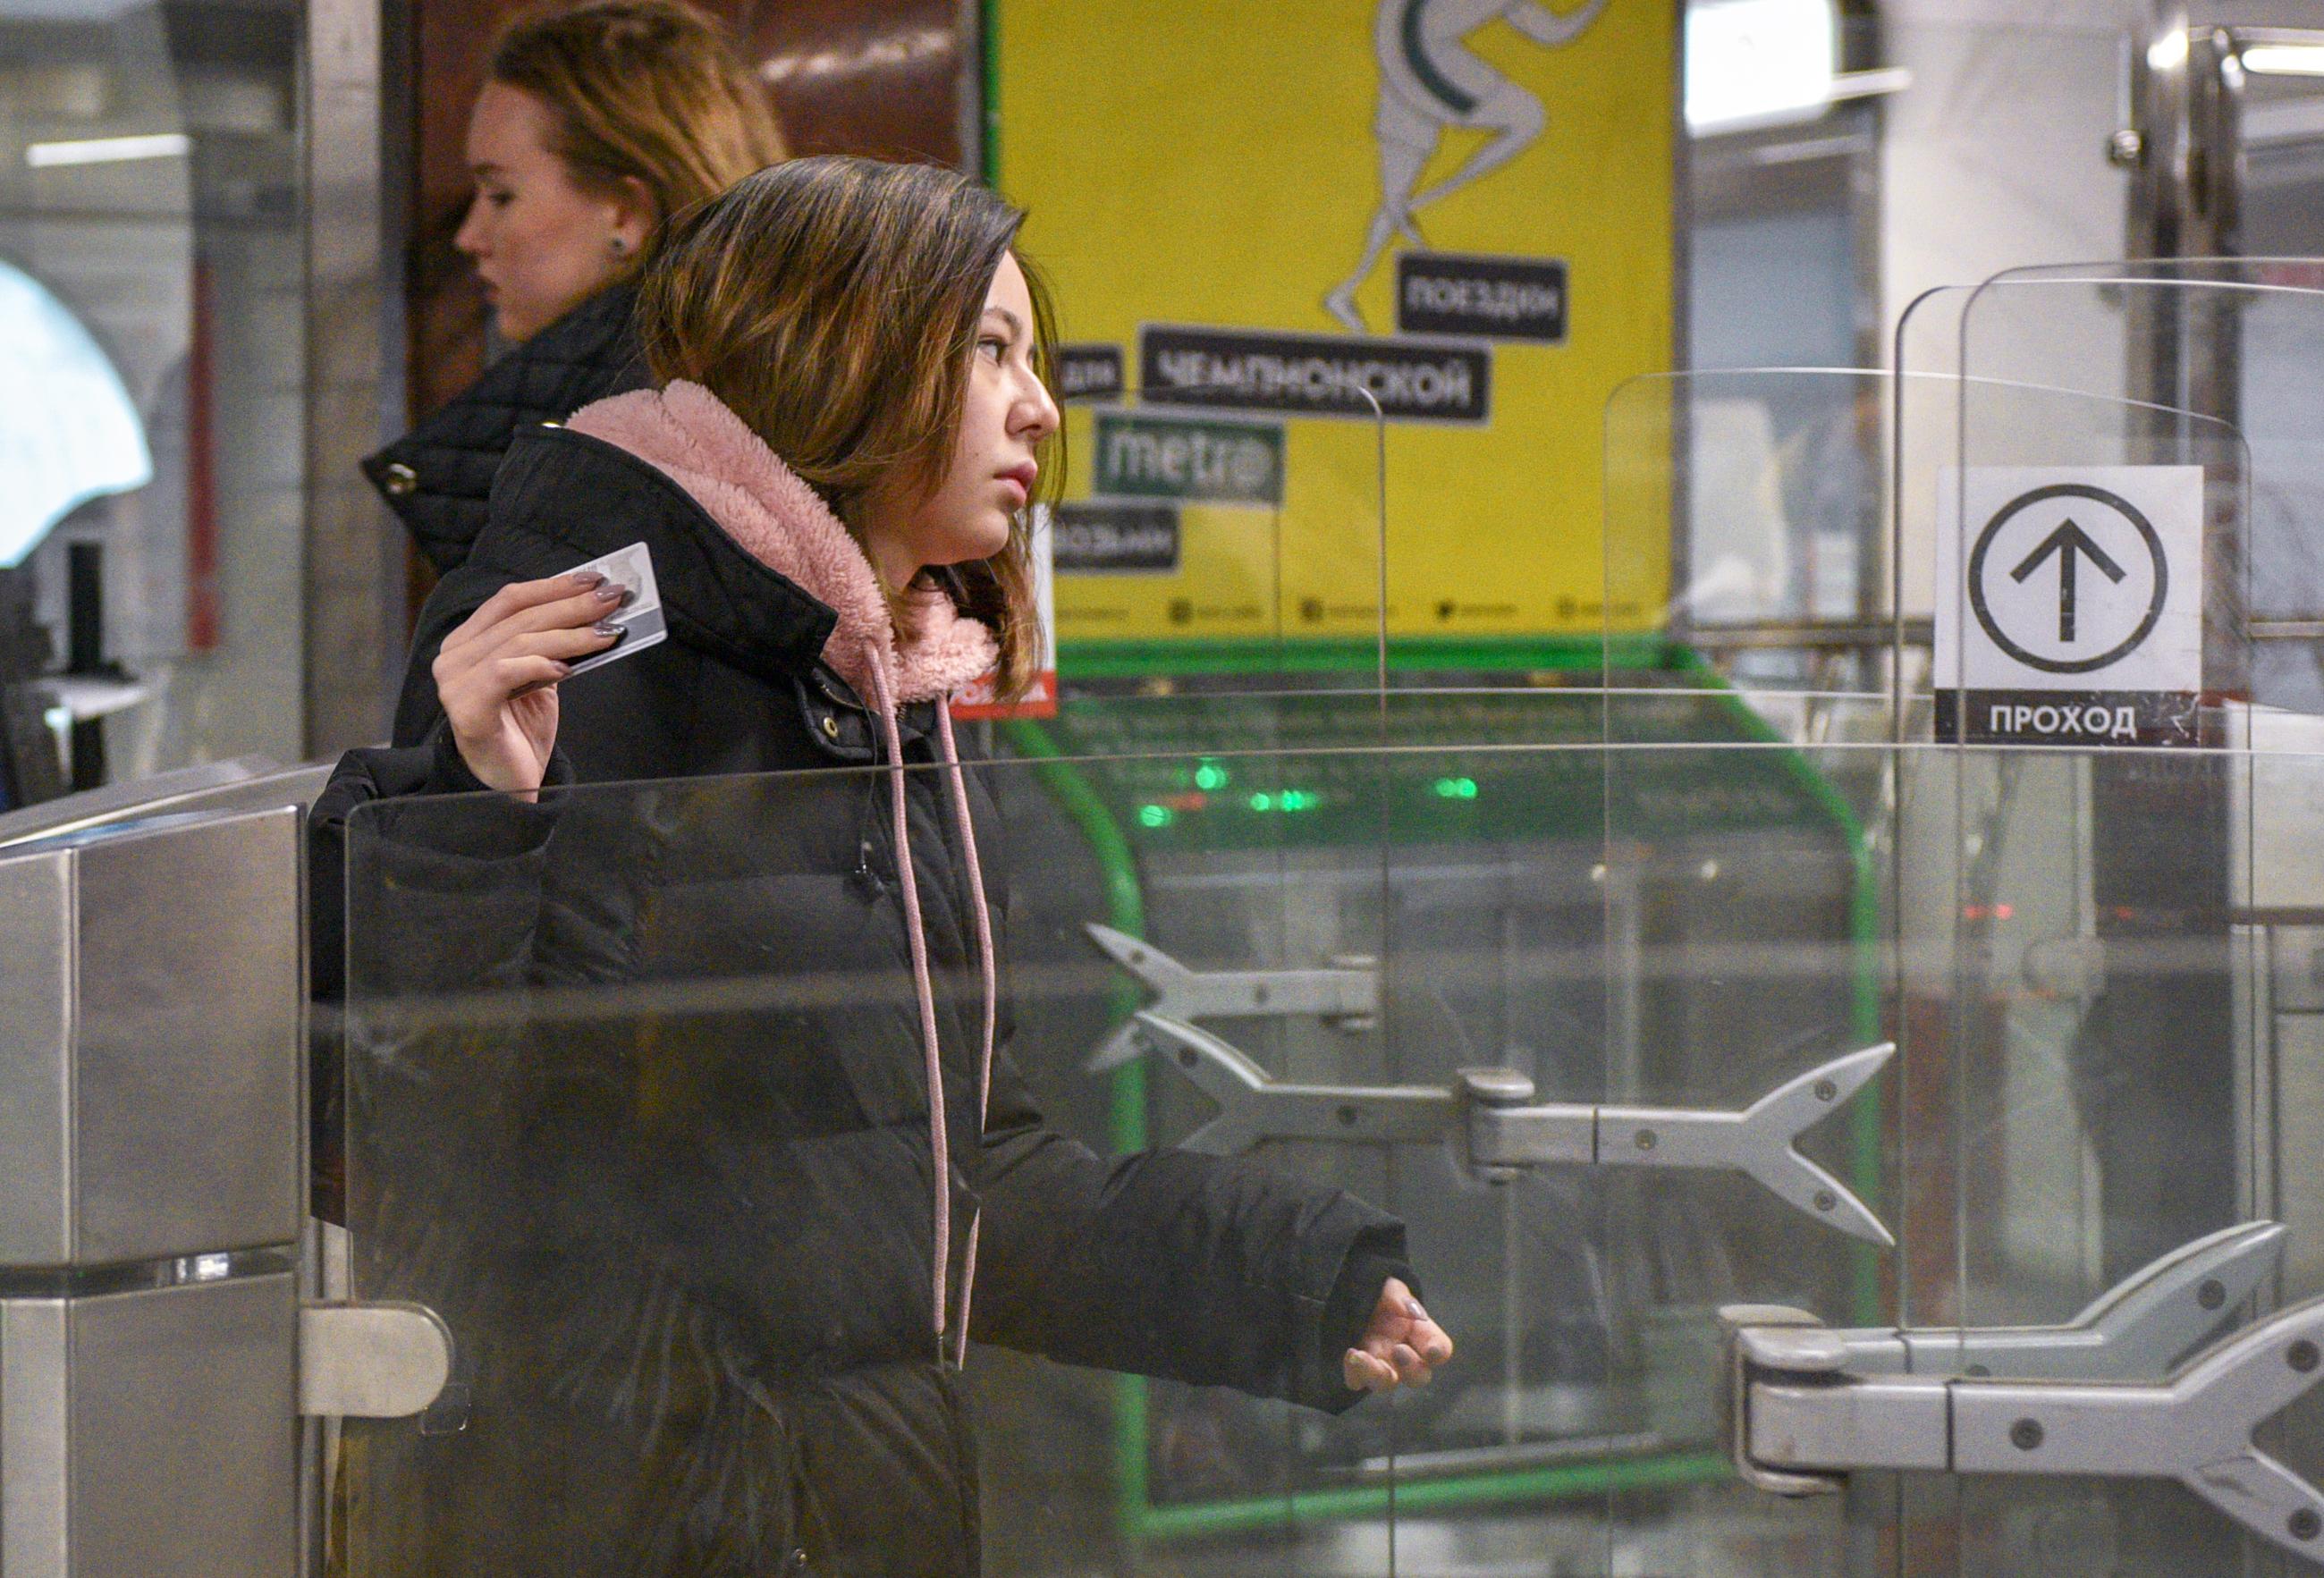 Эксперимент по снижению тарифов стартовал в метро Москвы